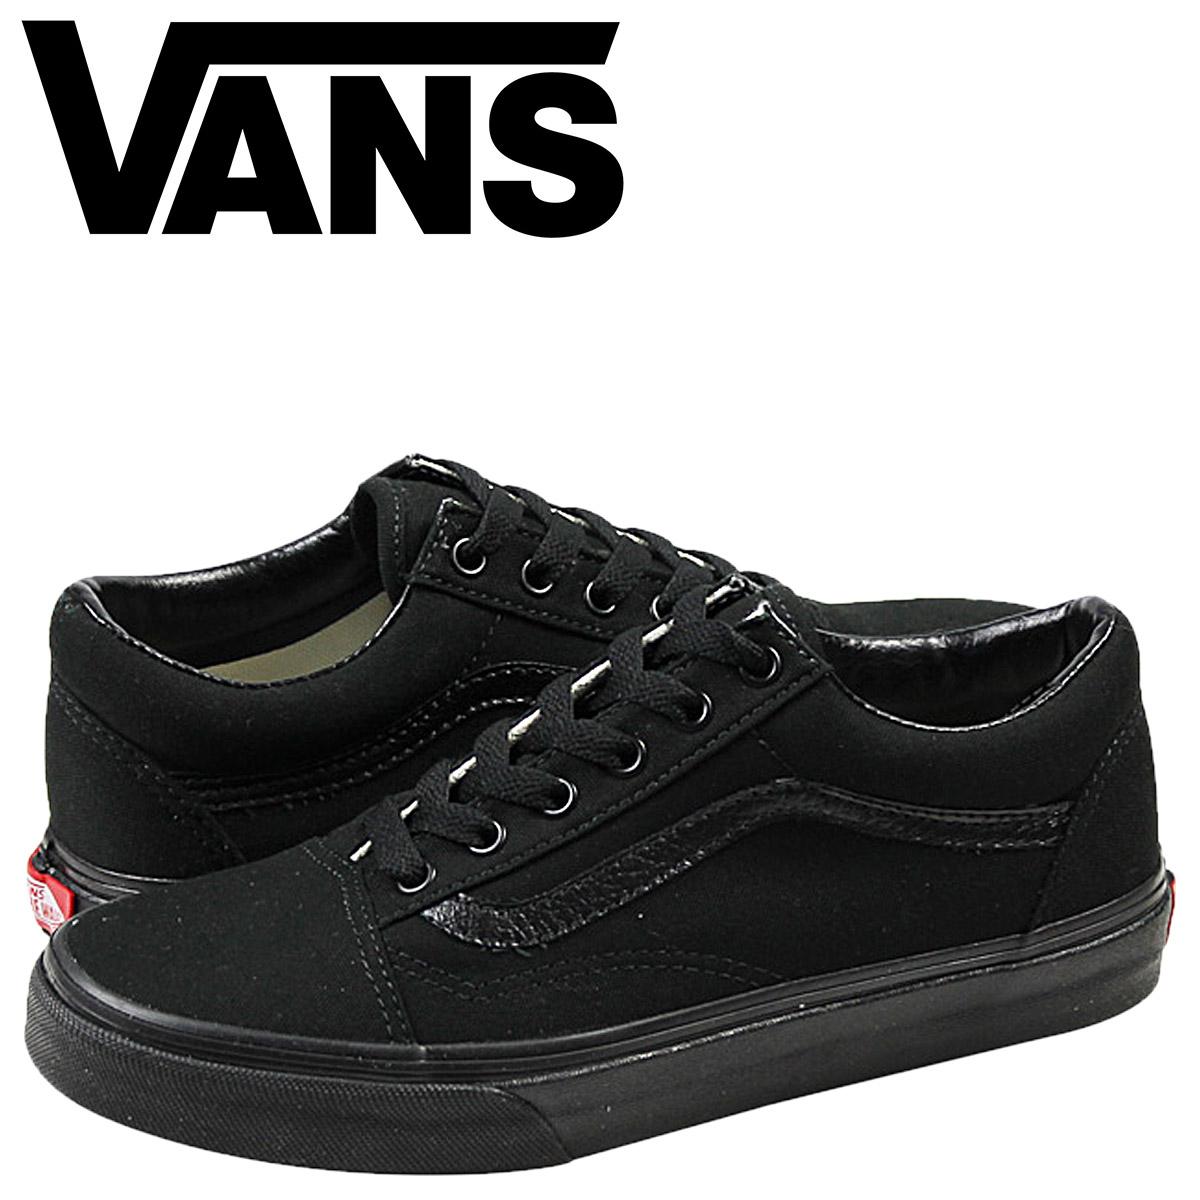 vans all black ladies